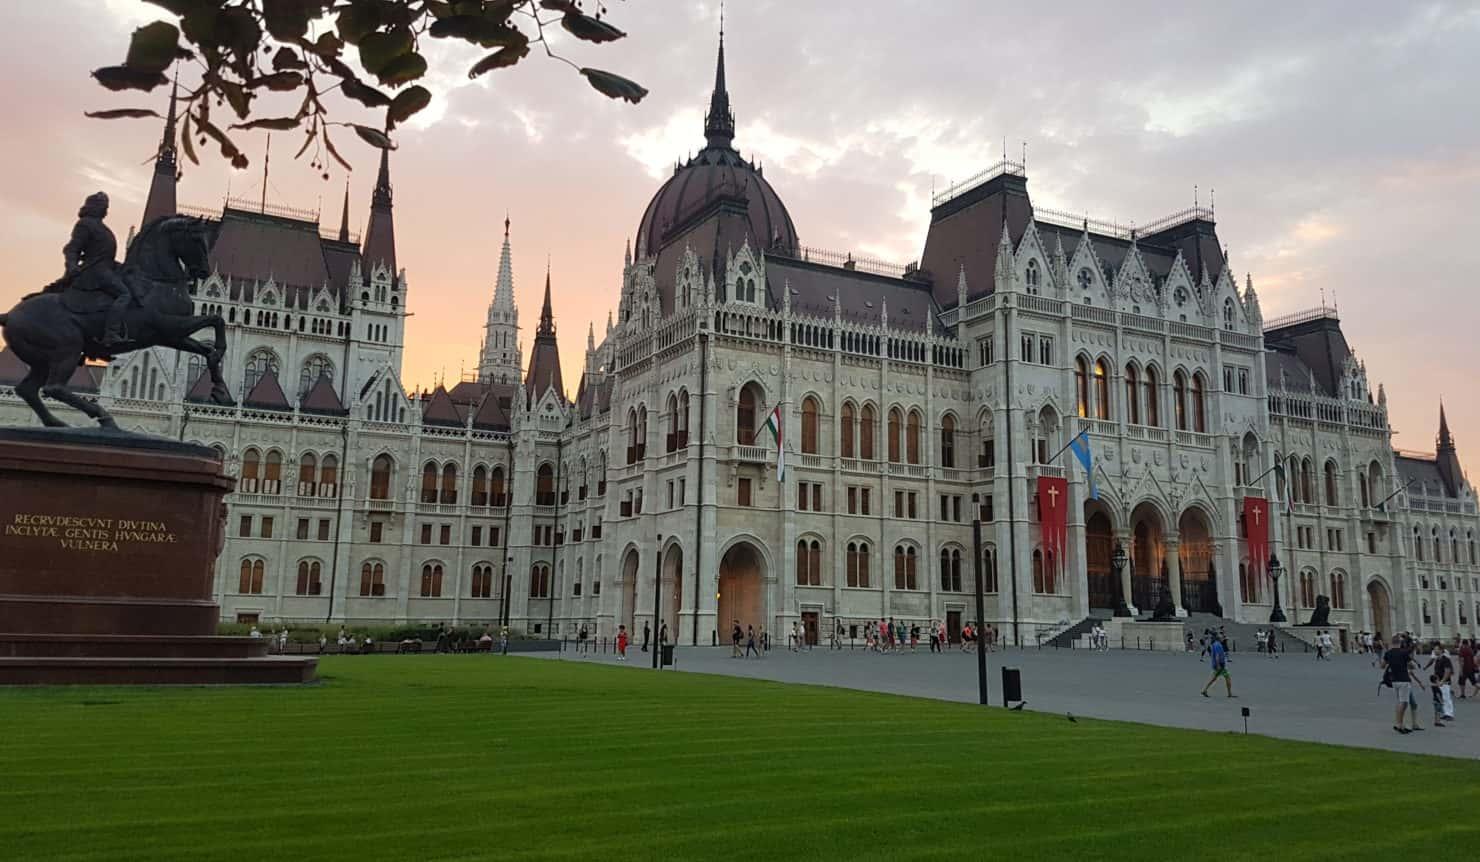 2018.08.20-parlament-Budapest-Sz.-István-kereszt-740x431@2x